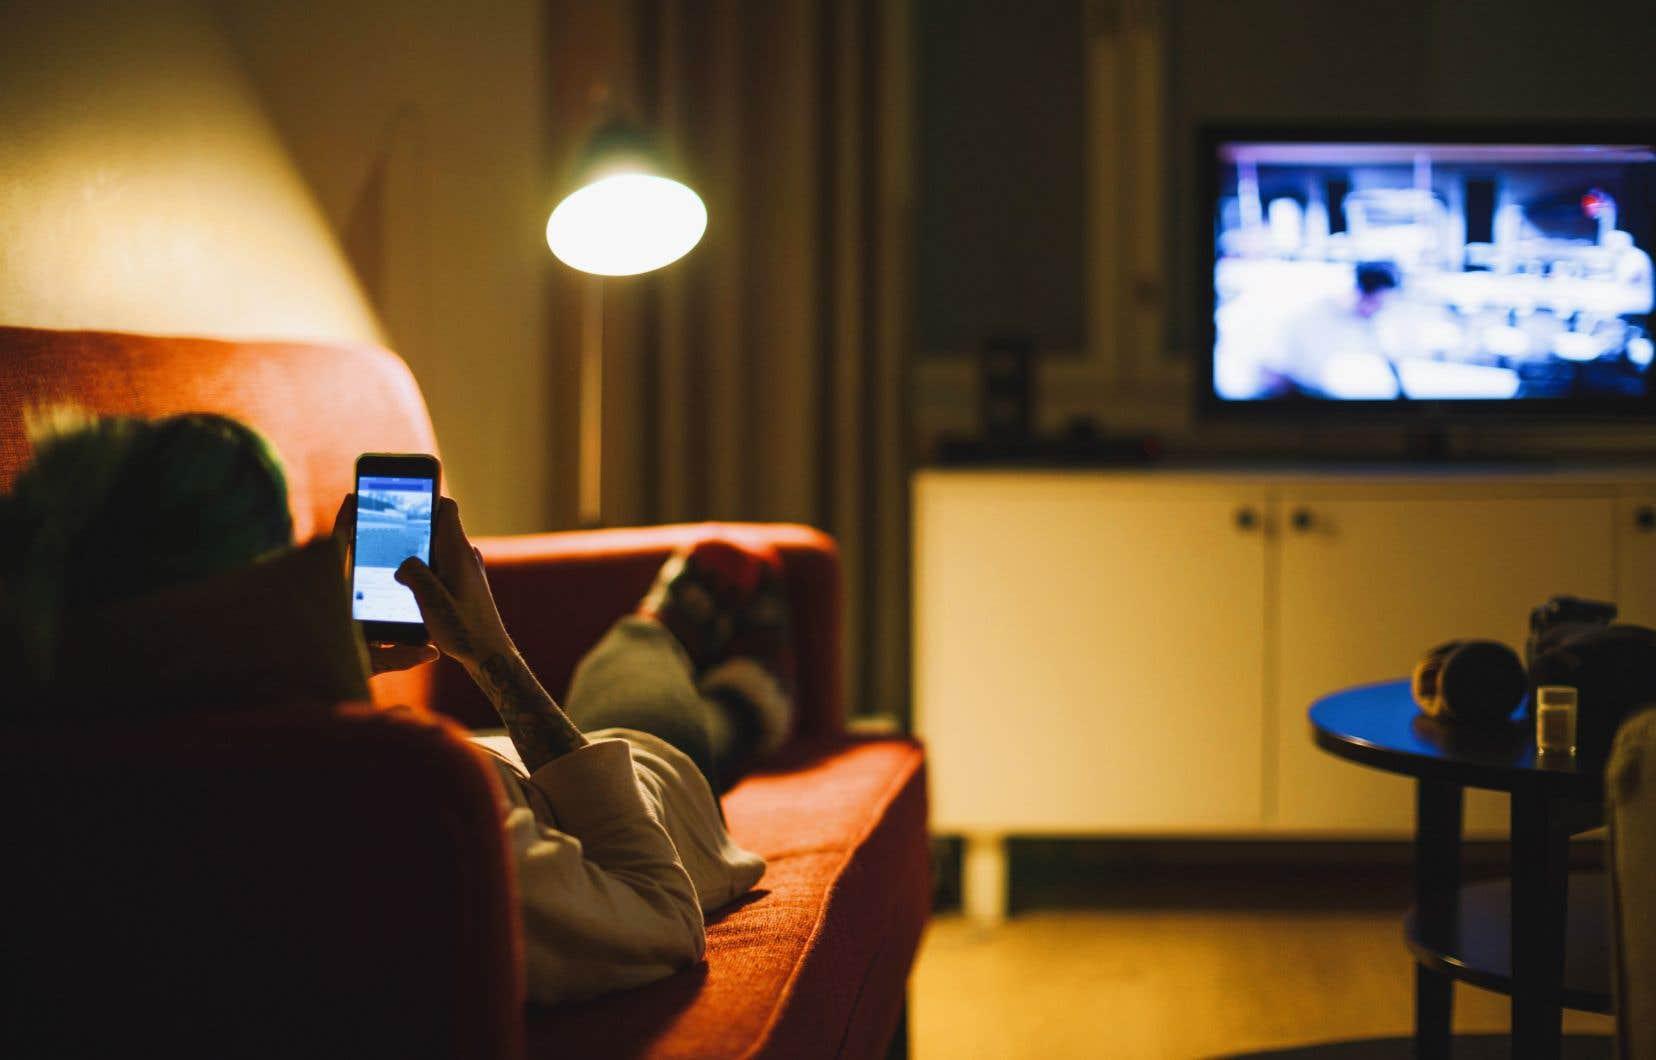 Après avoir été longtemps épargnée par la montée en puissance d'Internet, la télévision a connu, en 2017, la première baisse des dépenses publicitaires sur ses antennes depuis 2009.